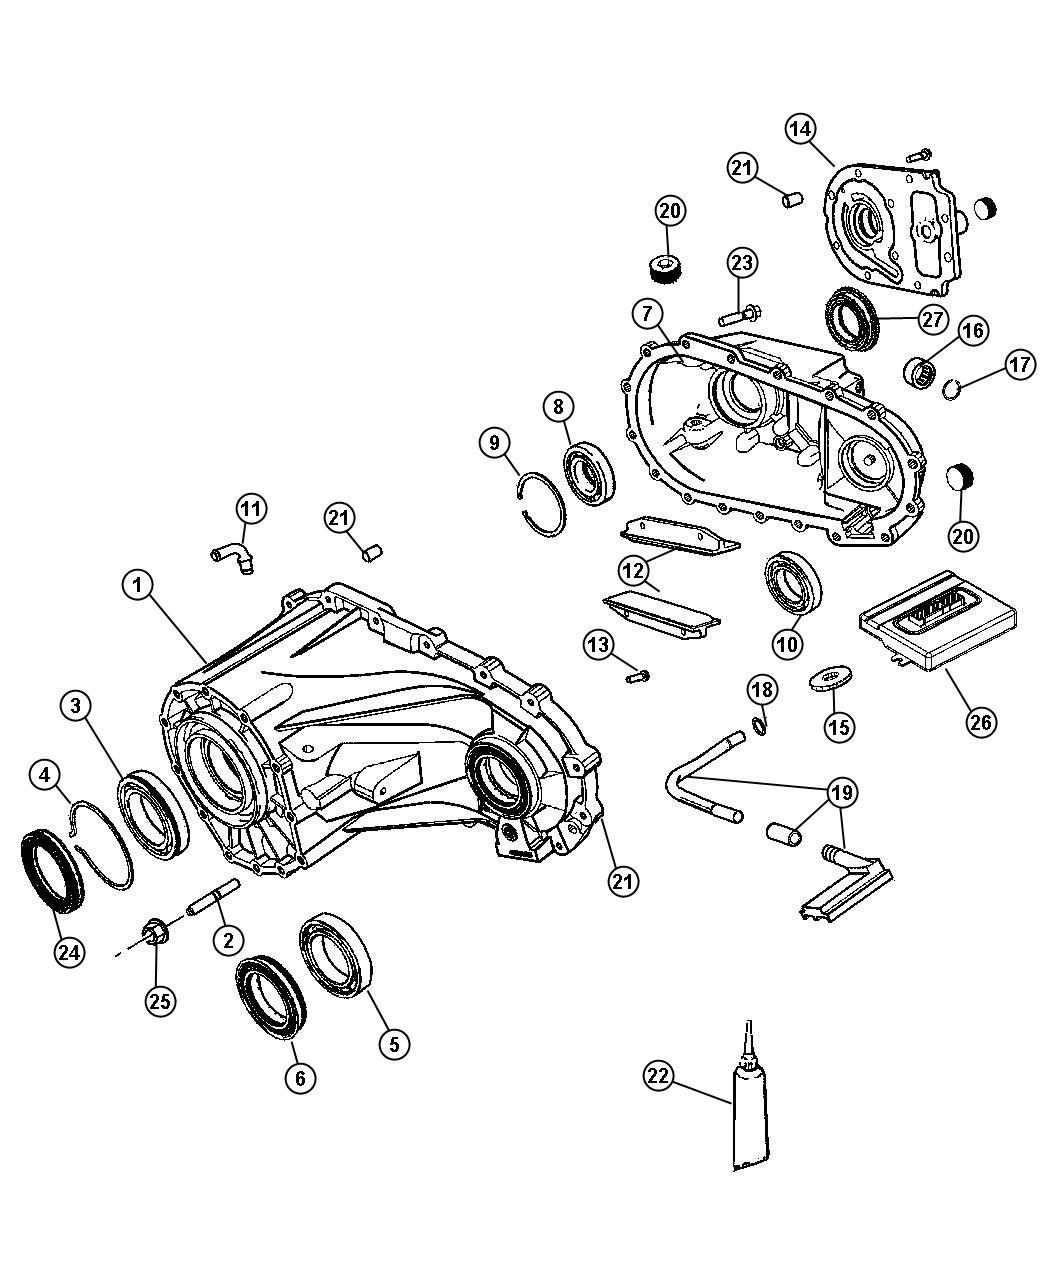 2009 Jeep Liberty Module  Transfer Case Control  Trac